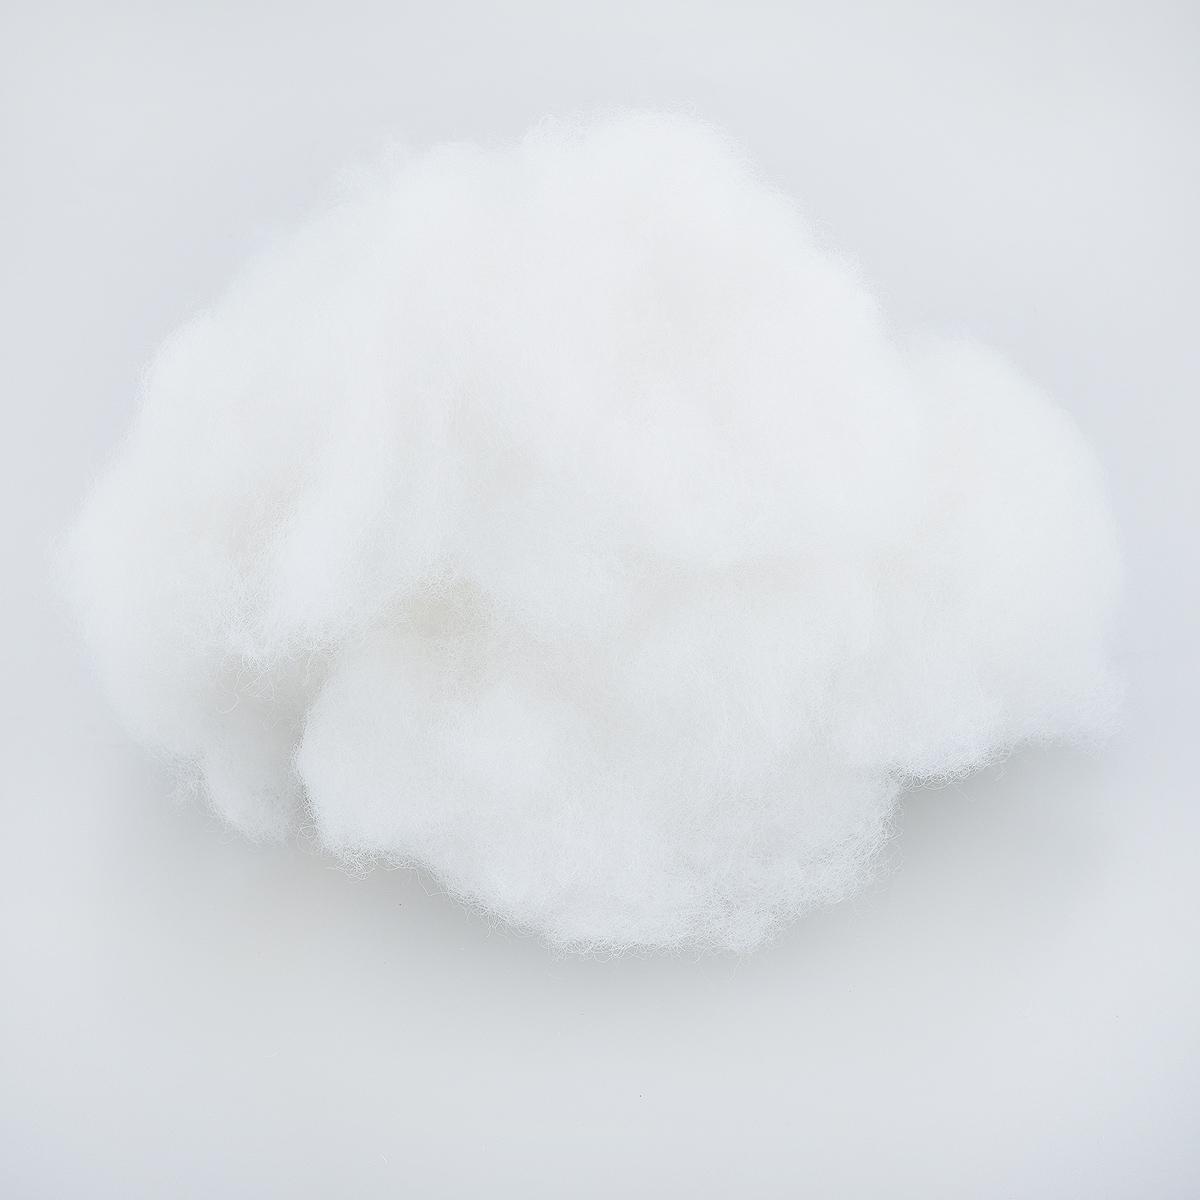 Наполнитель для мягких игрушек Астра, 100 г699905Наполнитель Астра выполнен из легкого, мягкого и упругого синтетического волокна (100% полиэстера) и используется для набивки подушек, одеял и игрушек. Это нетканое синтетическое полотно, состоящее из волокон и имеющее объемную структуру. Наполнитель имеет равномерную толщину на всей протяженности полотна и сохраняет форму после стирки. Вес упаковки: 100 г.